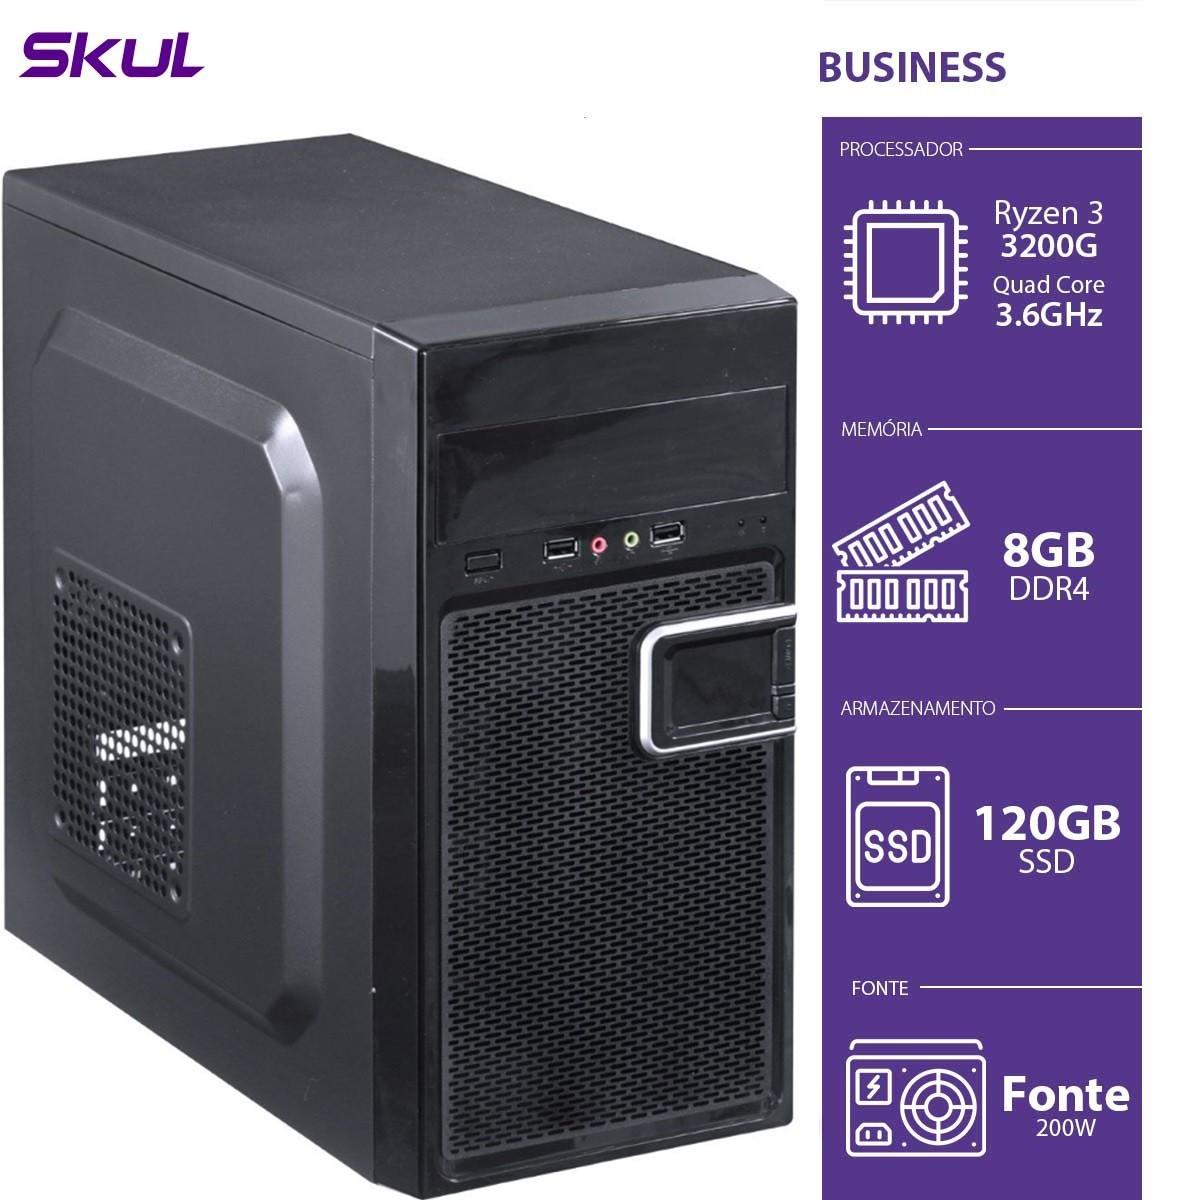 Computador Business B300 - R3-3200G 3.6GHZ 8GB DDR4 SSD 120GB HD 1TB HDMI/VGA Fonte 200W